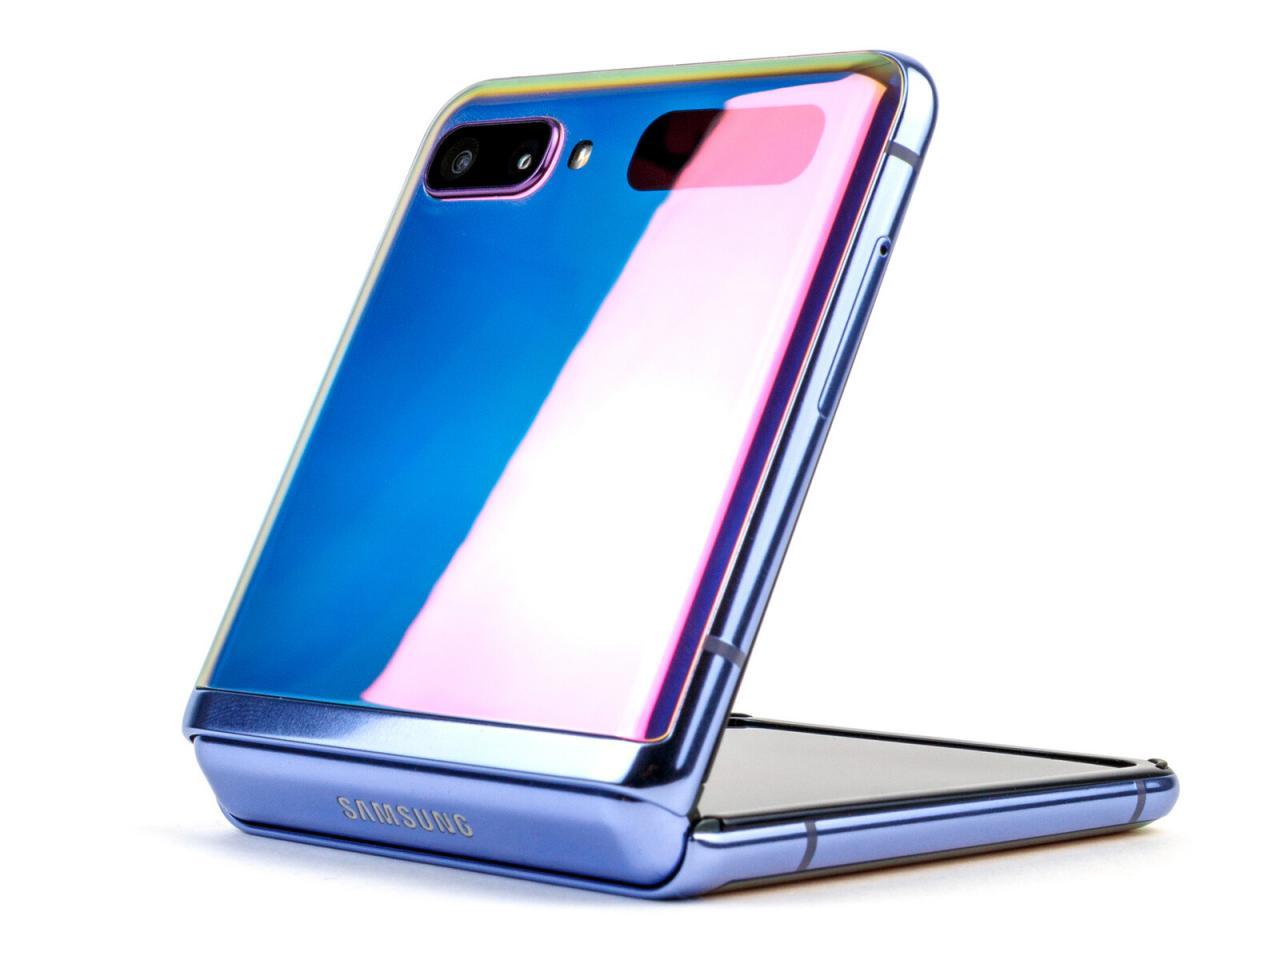 三星Galaxy Z Flip:少花钱就能获得更高的品位